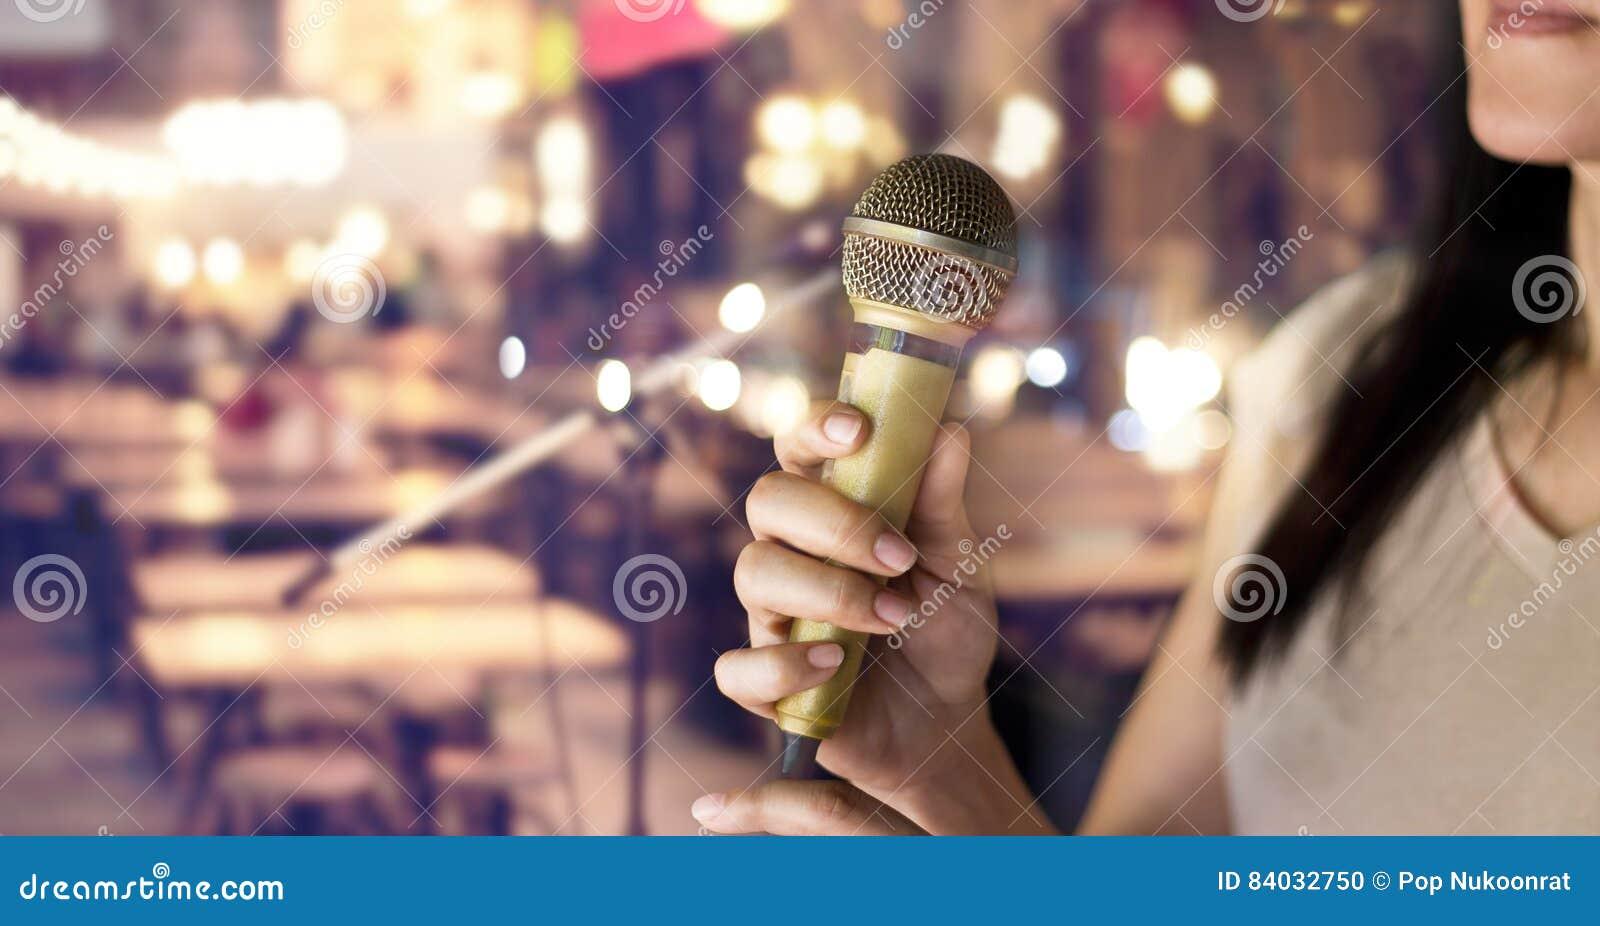 Hållande mikrofon för kvinna i hand på bar och restaurang